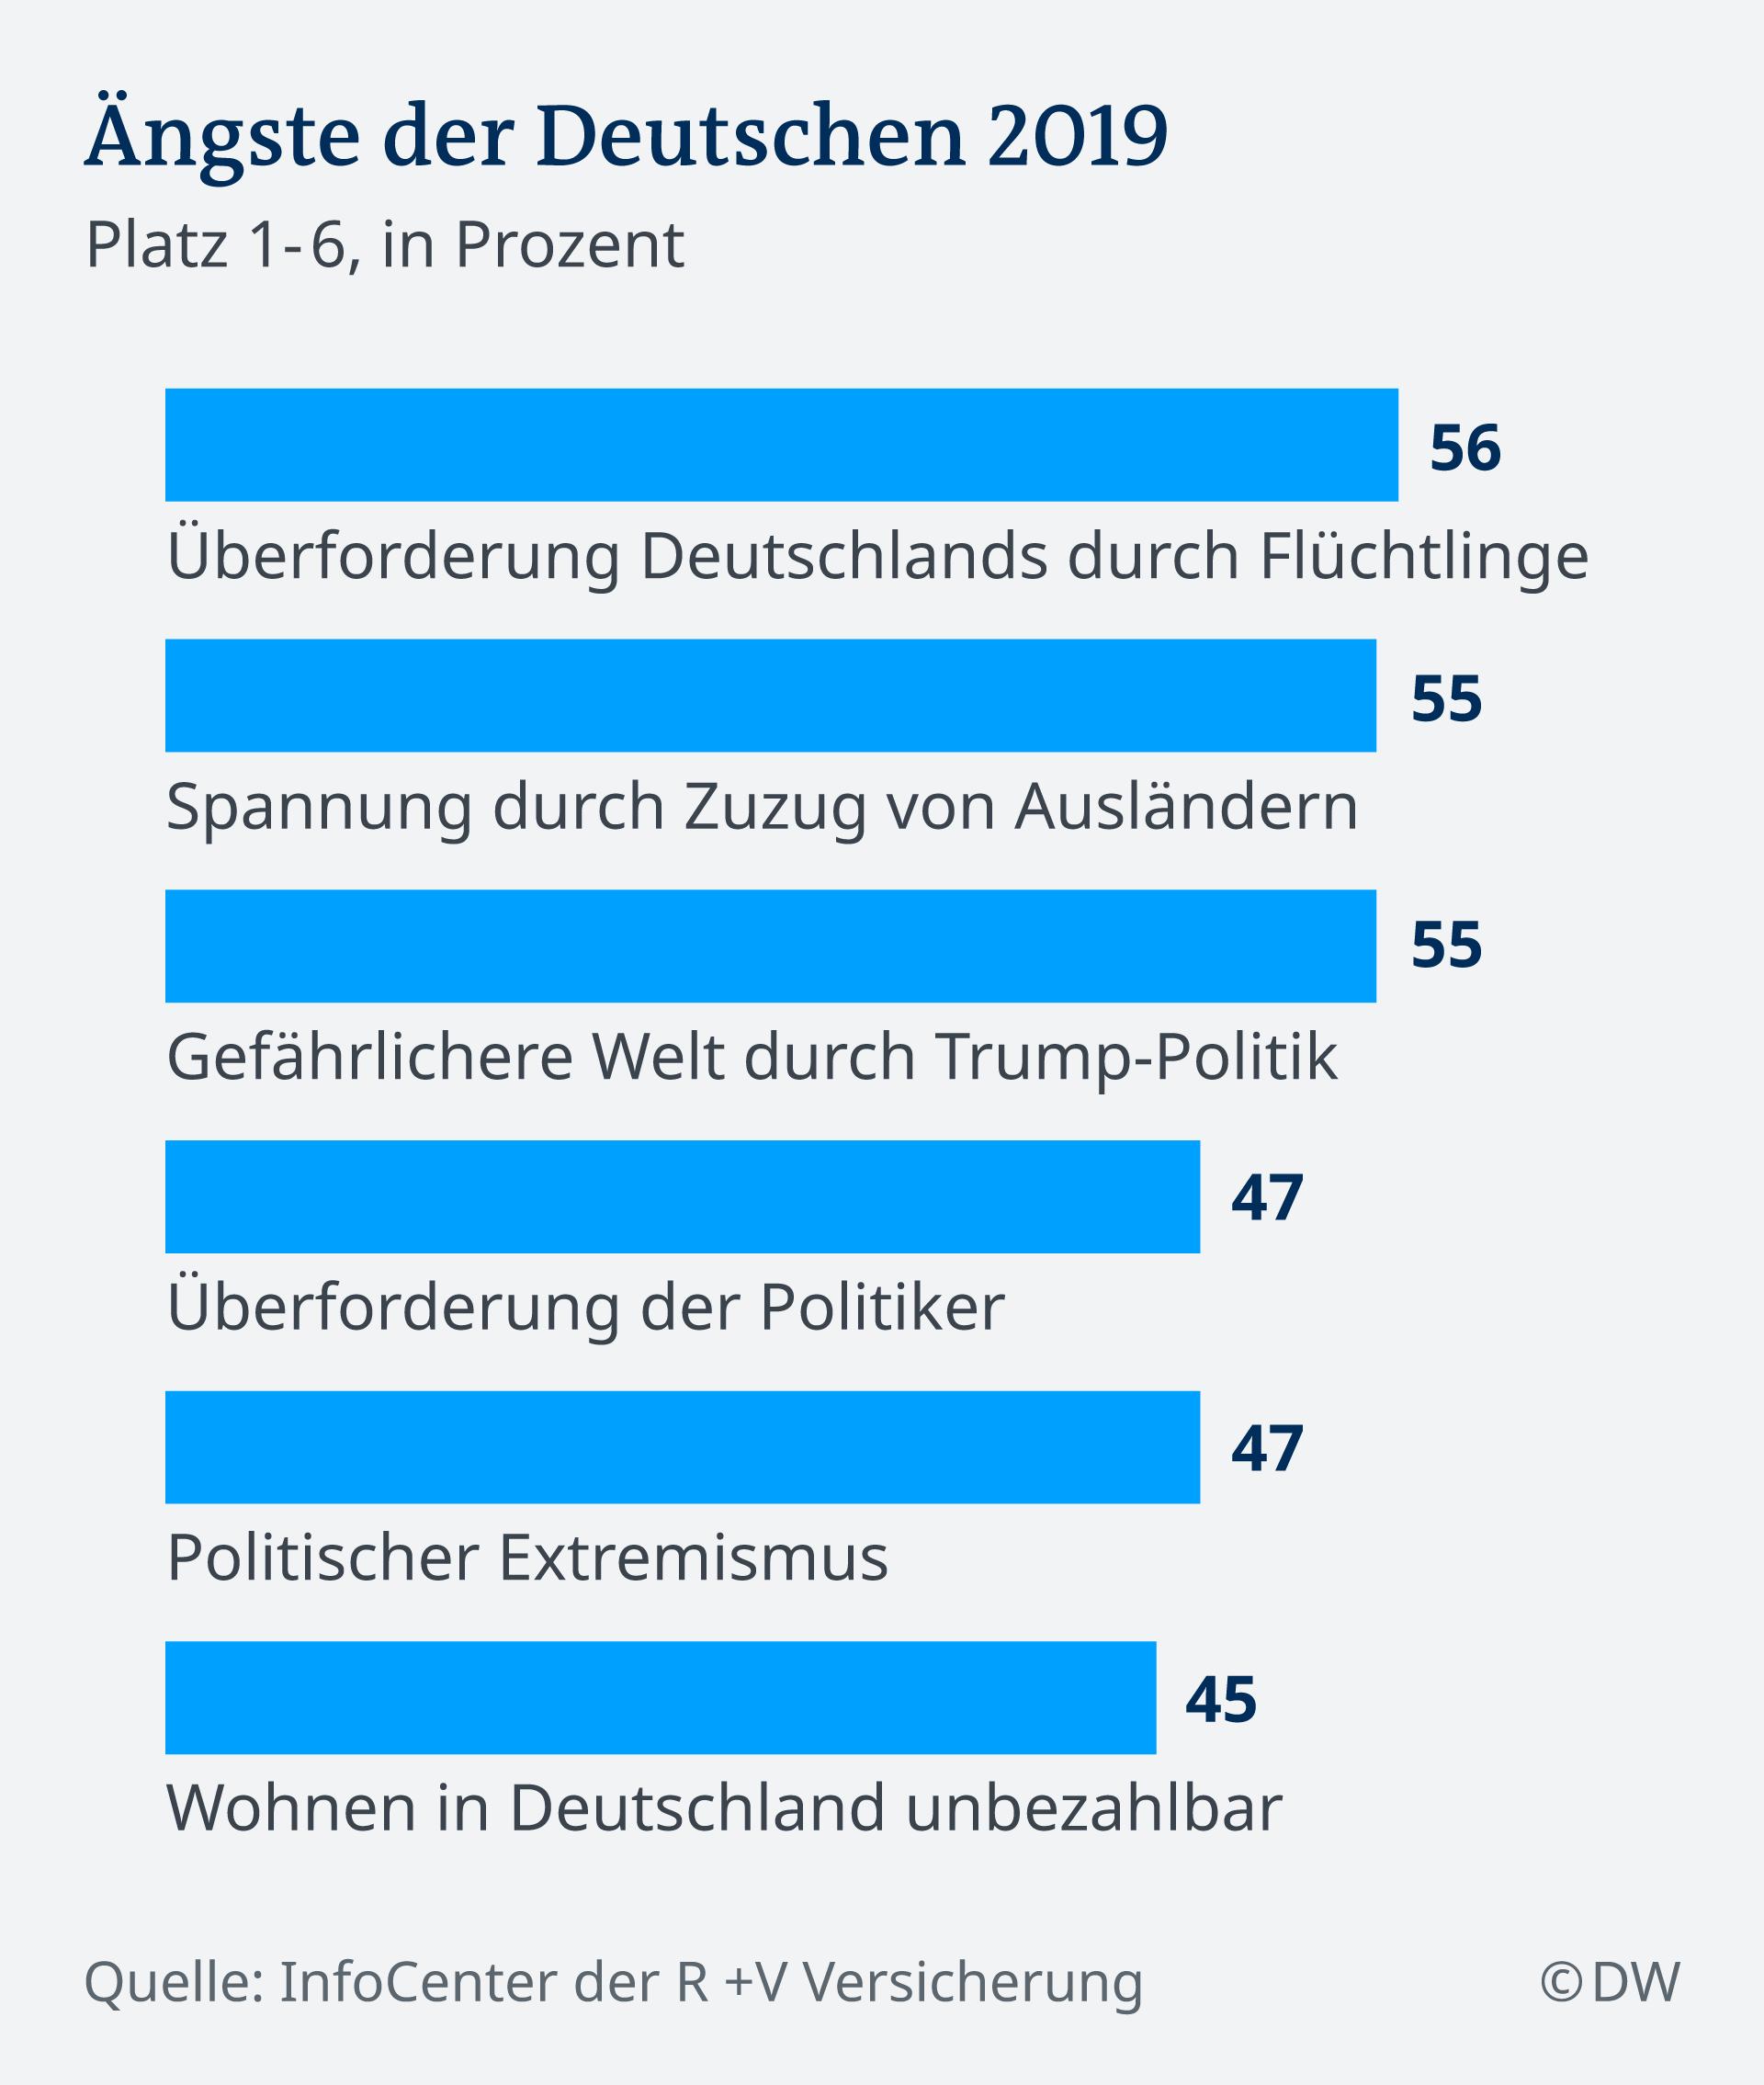 Infografik Ängste der Deutschen 2019 DE